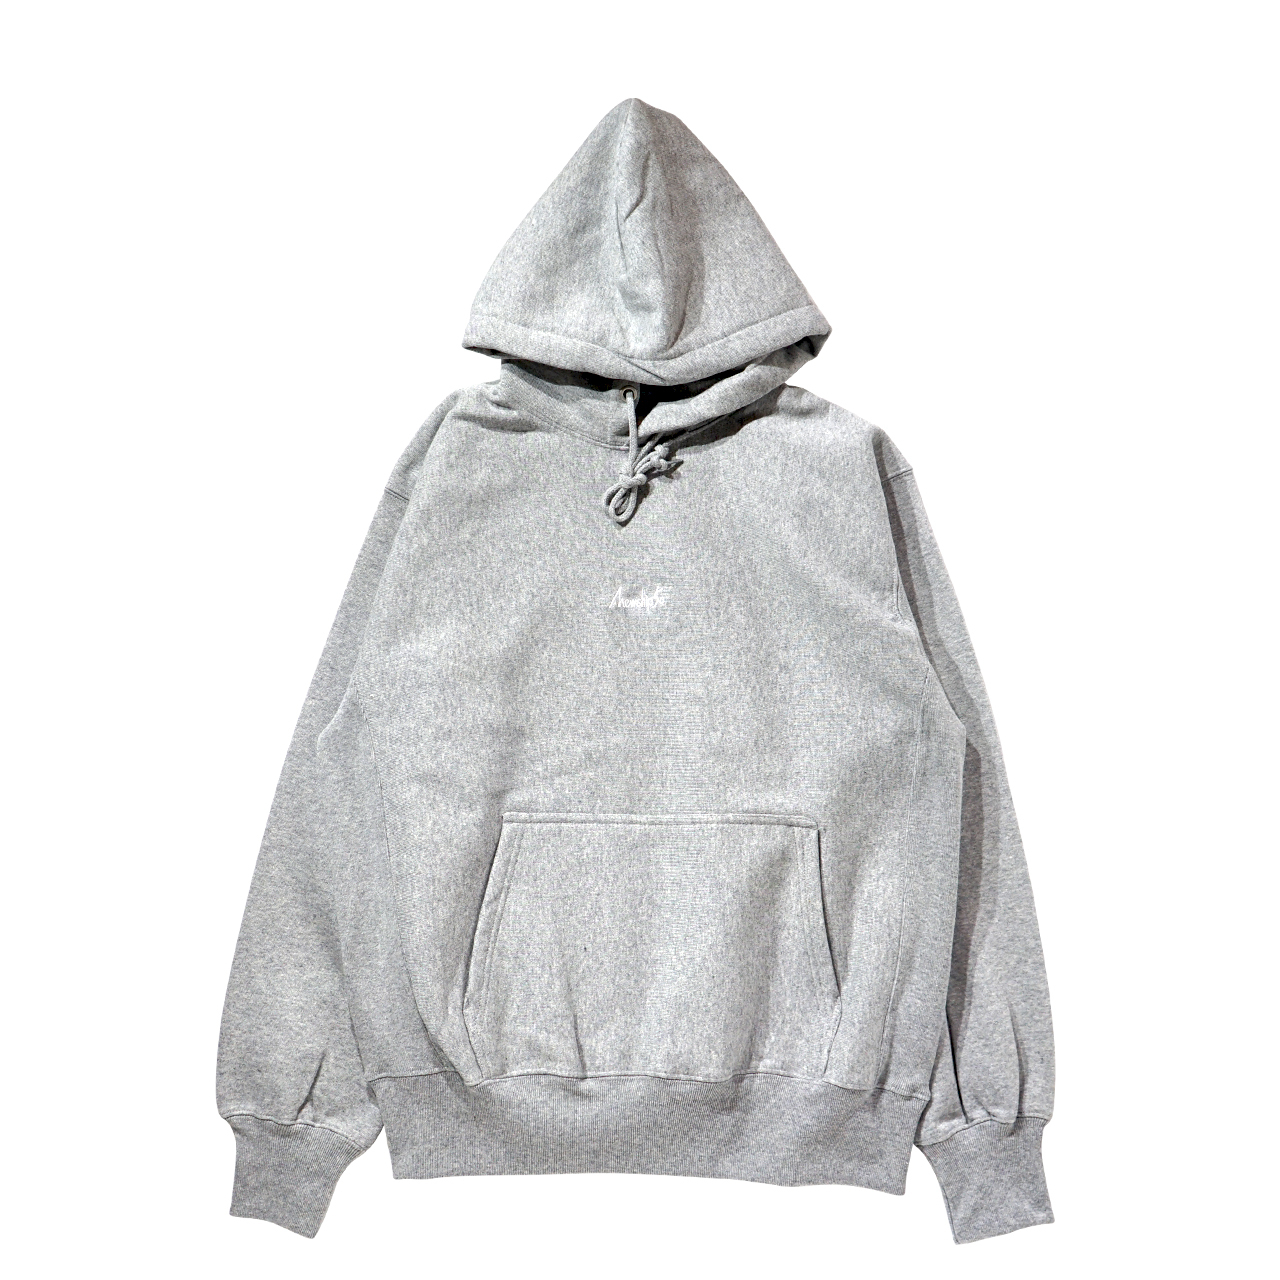 BASIC LOGO 019 pullover <Gray×White> - 画像1